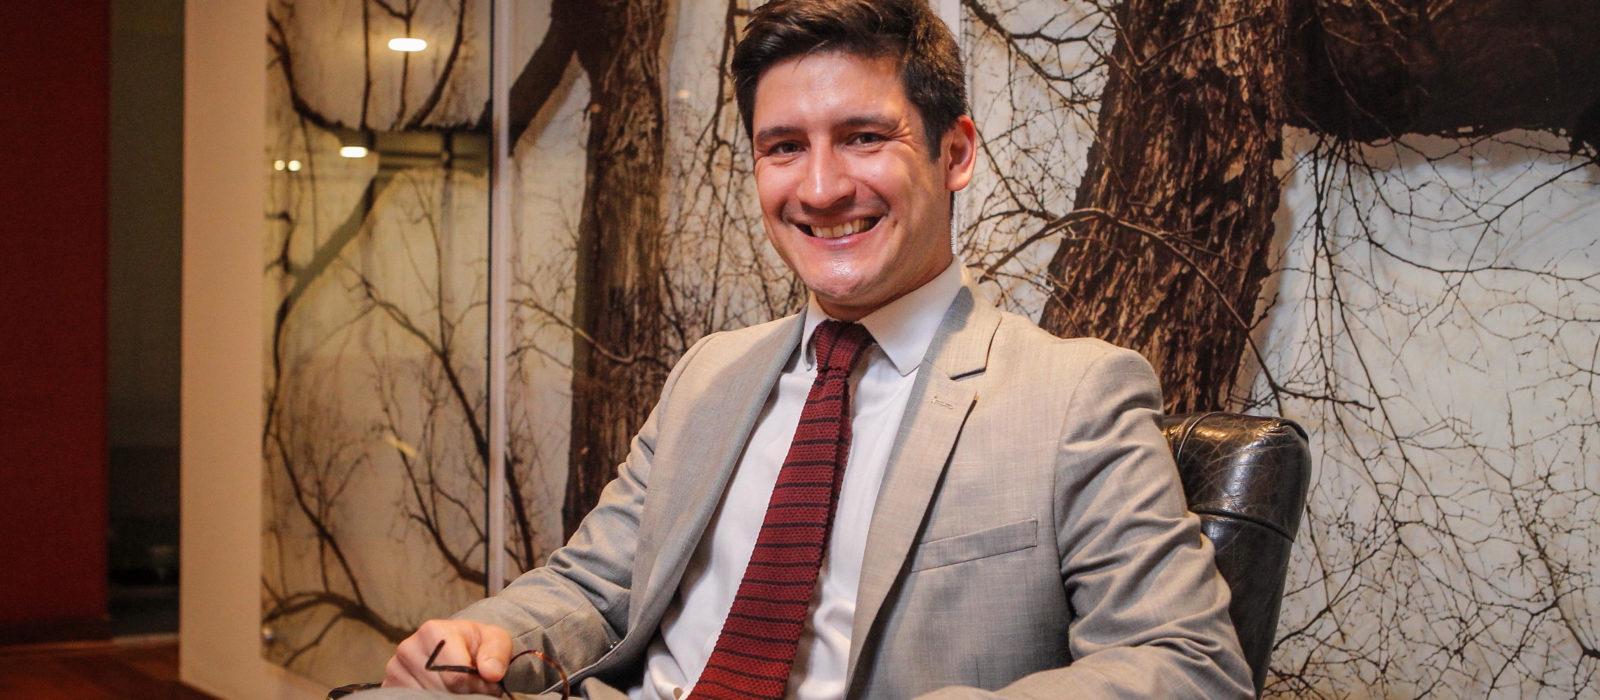 El abogado Daniel Loyola, nos orienta sobre lo que debemos saber de acoso digital